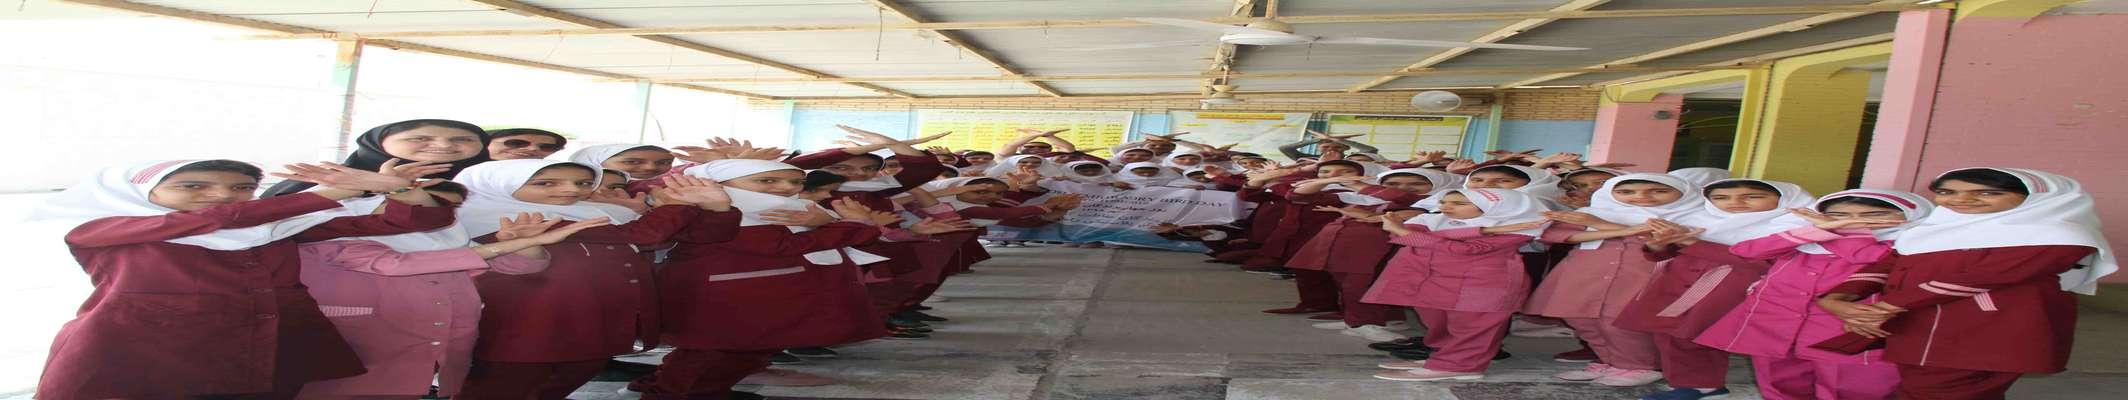 برگزاری مراسم روز جهانی پرندگان مهاجر در بندر خمیر برگزار شد